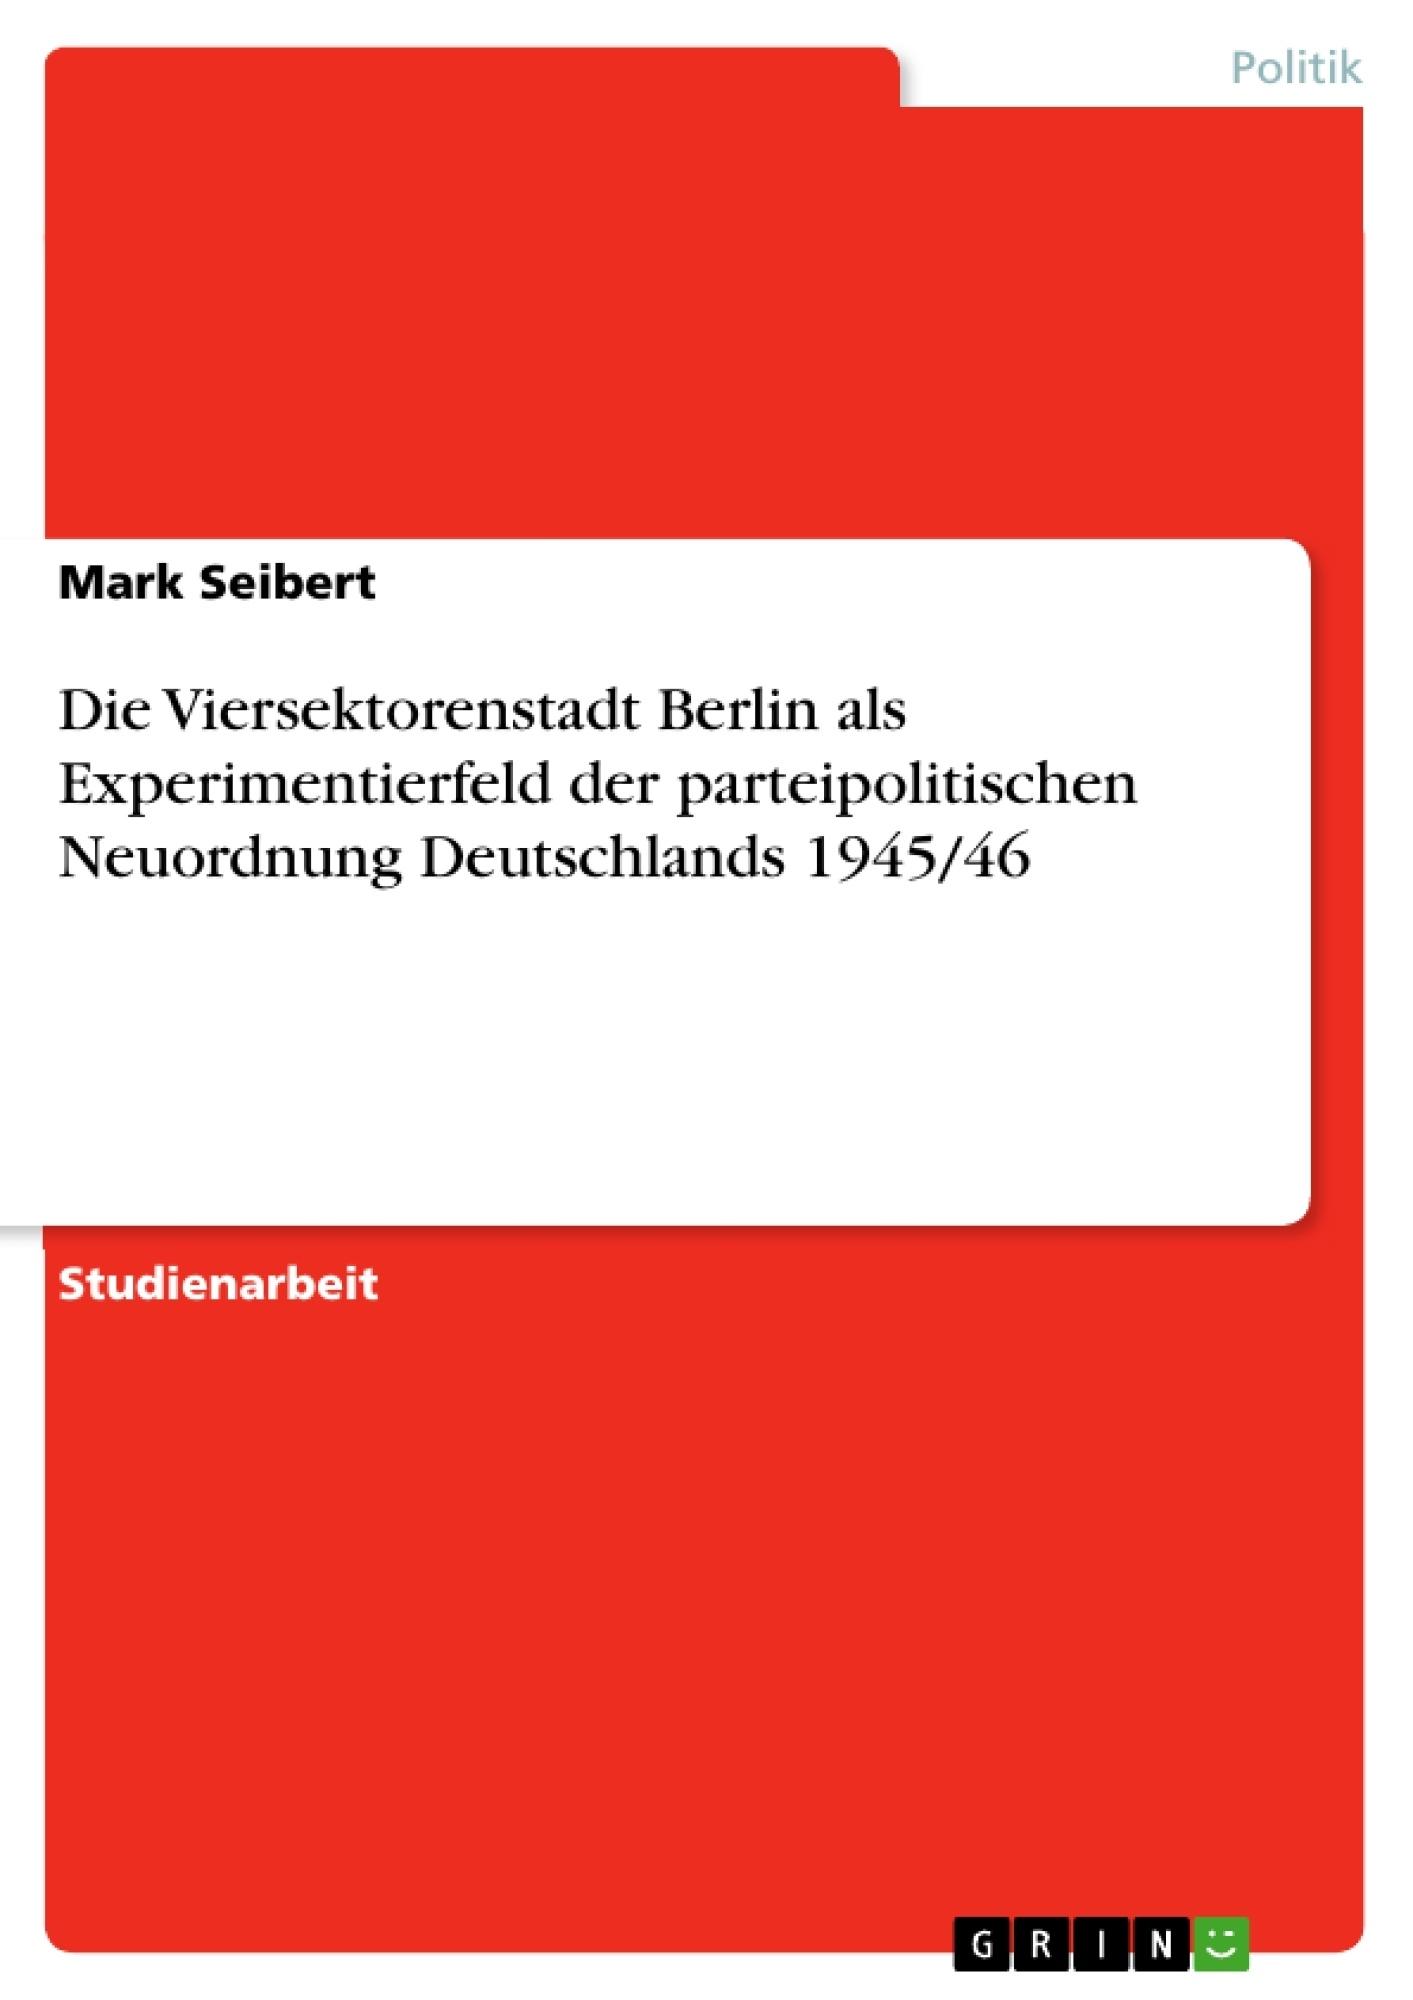 Titel: Die Viersektorenstadt Berlin als Experimentierfeld der parteipolitischen Neuordnung Deutschlands 1945/46